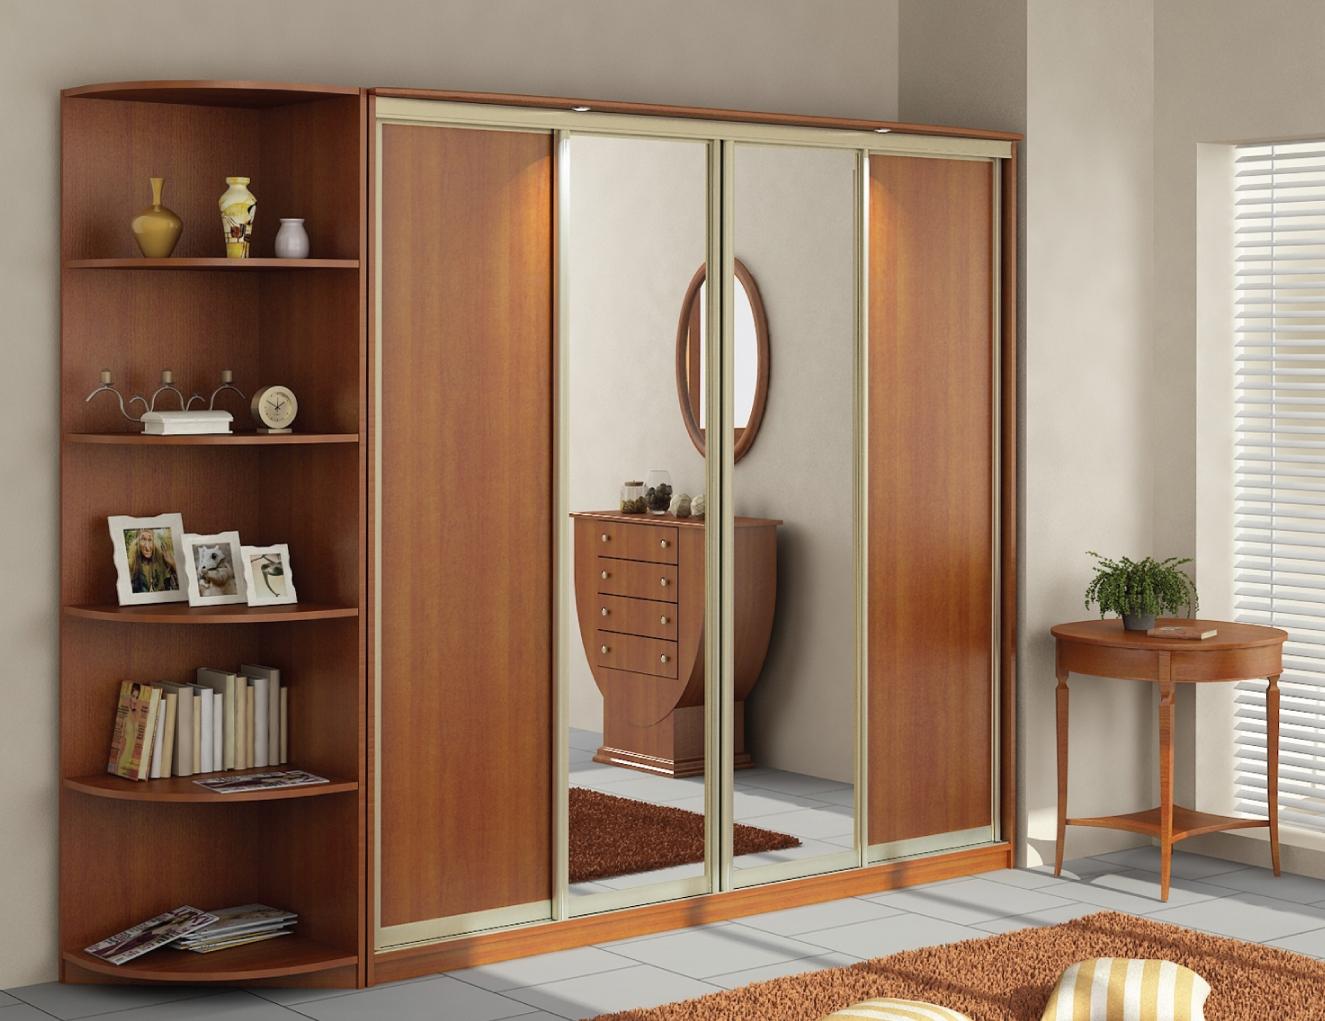 Тенденции в дизайне мебели на заказ: популярные фишки сезона